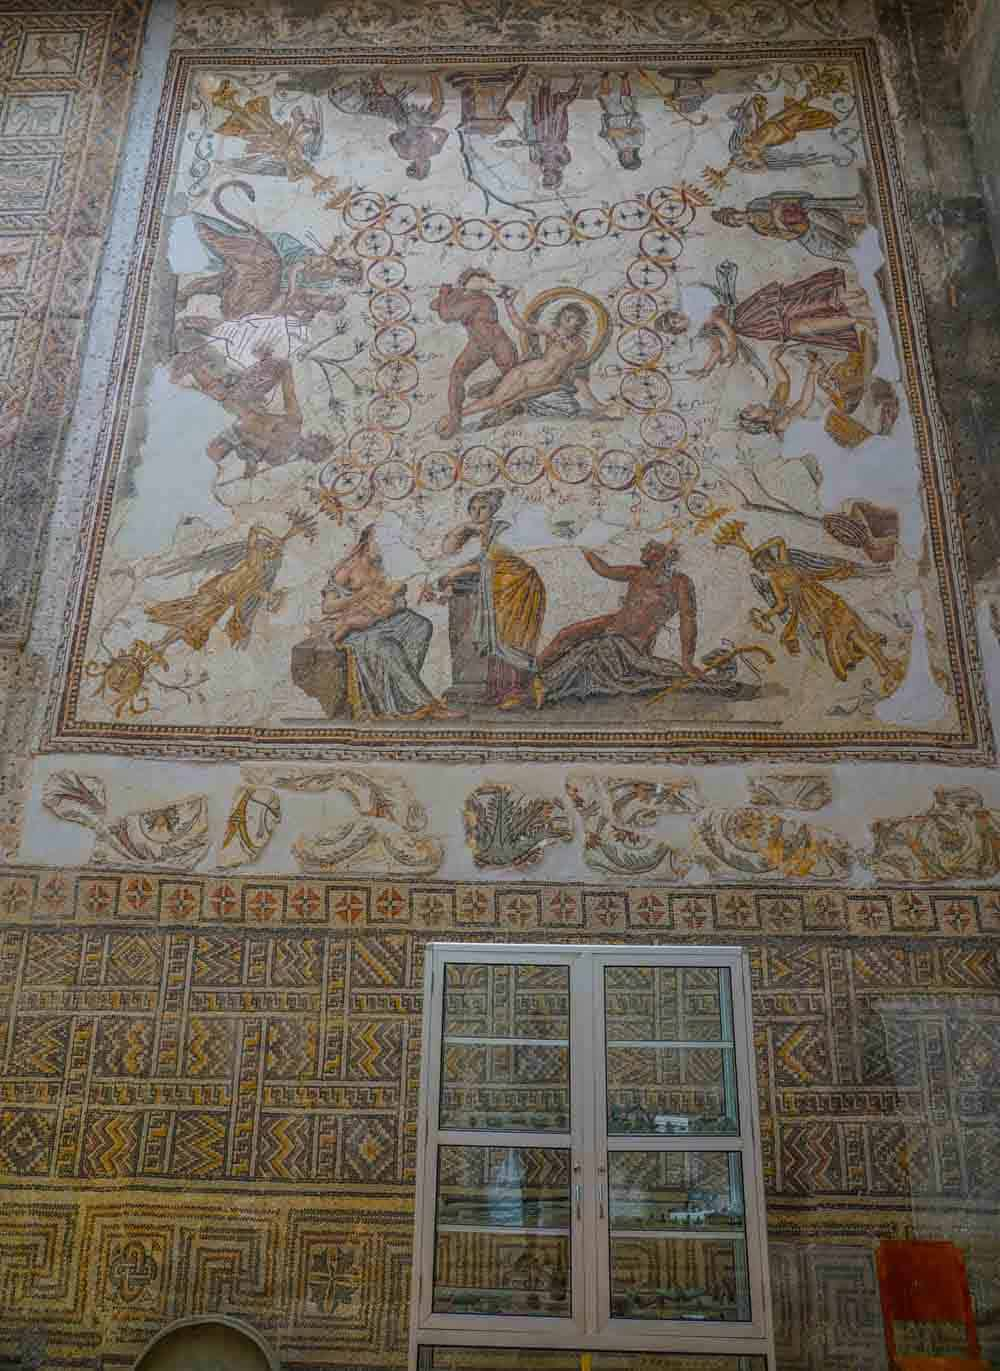 Djemila museum in algeria